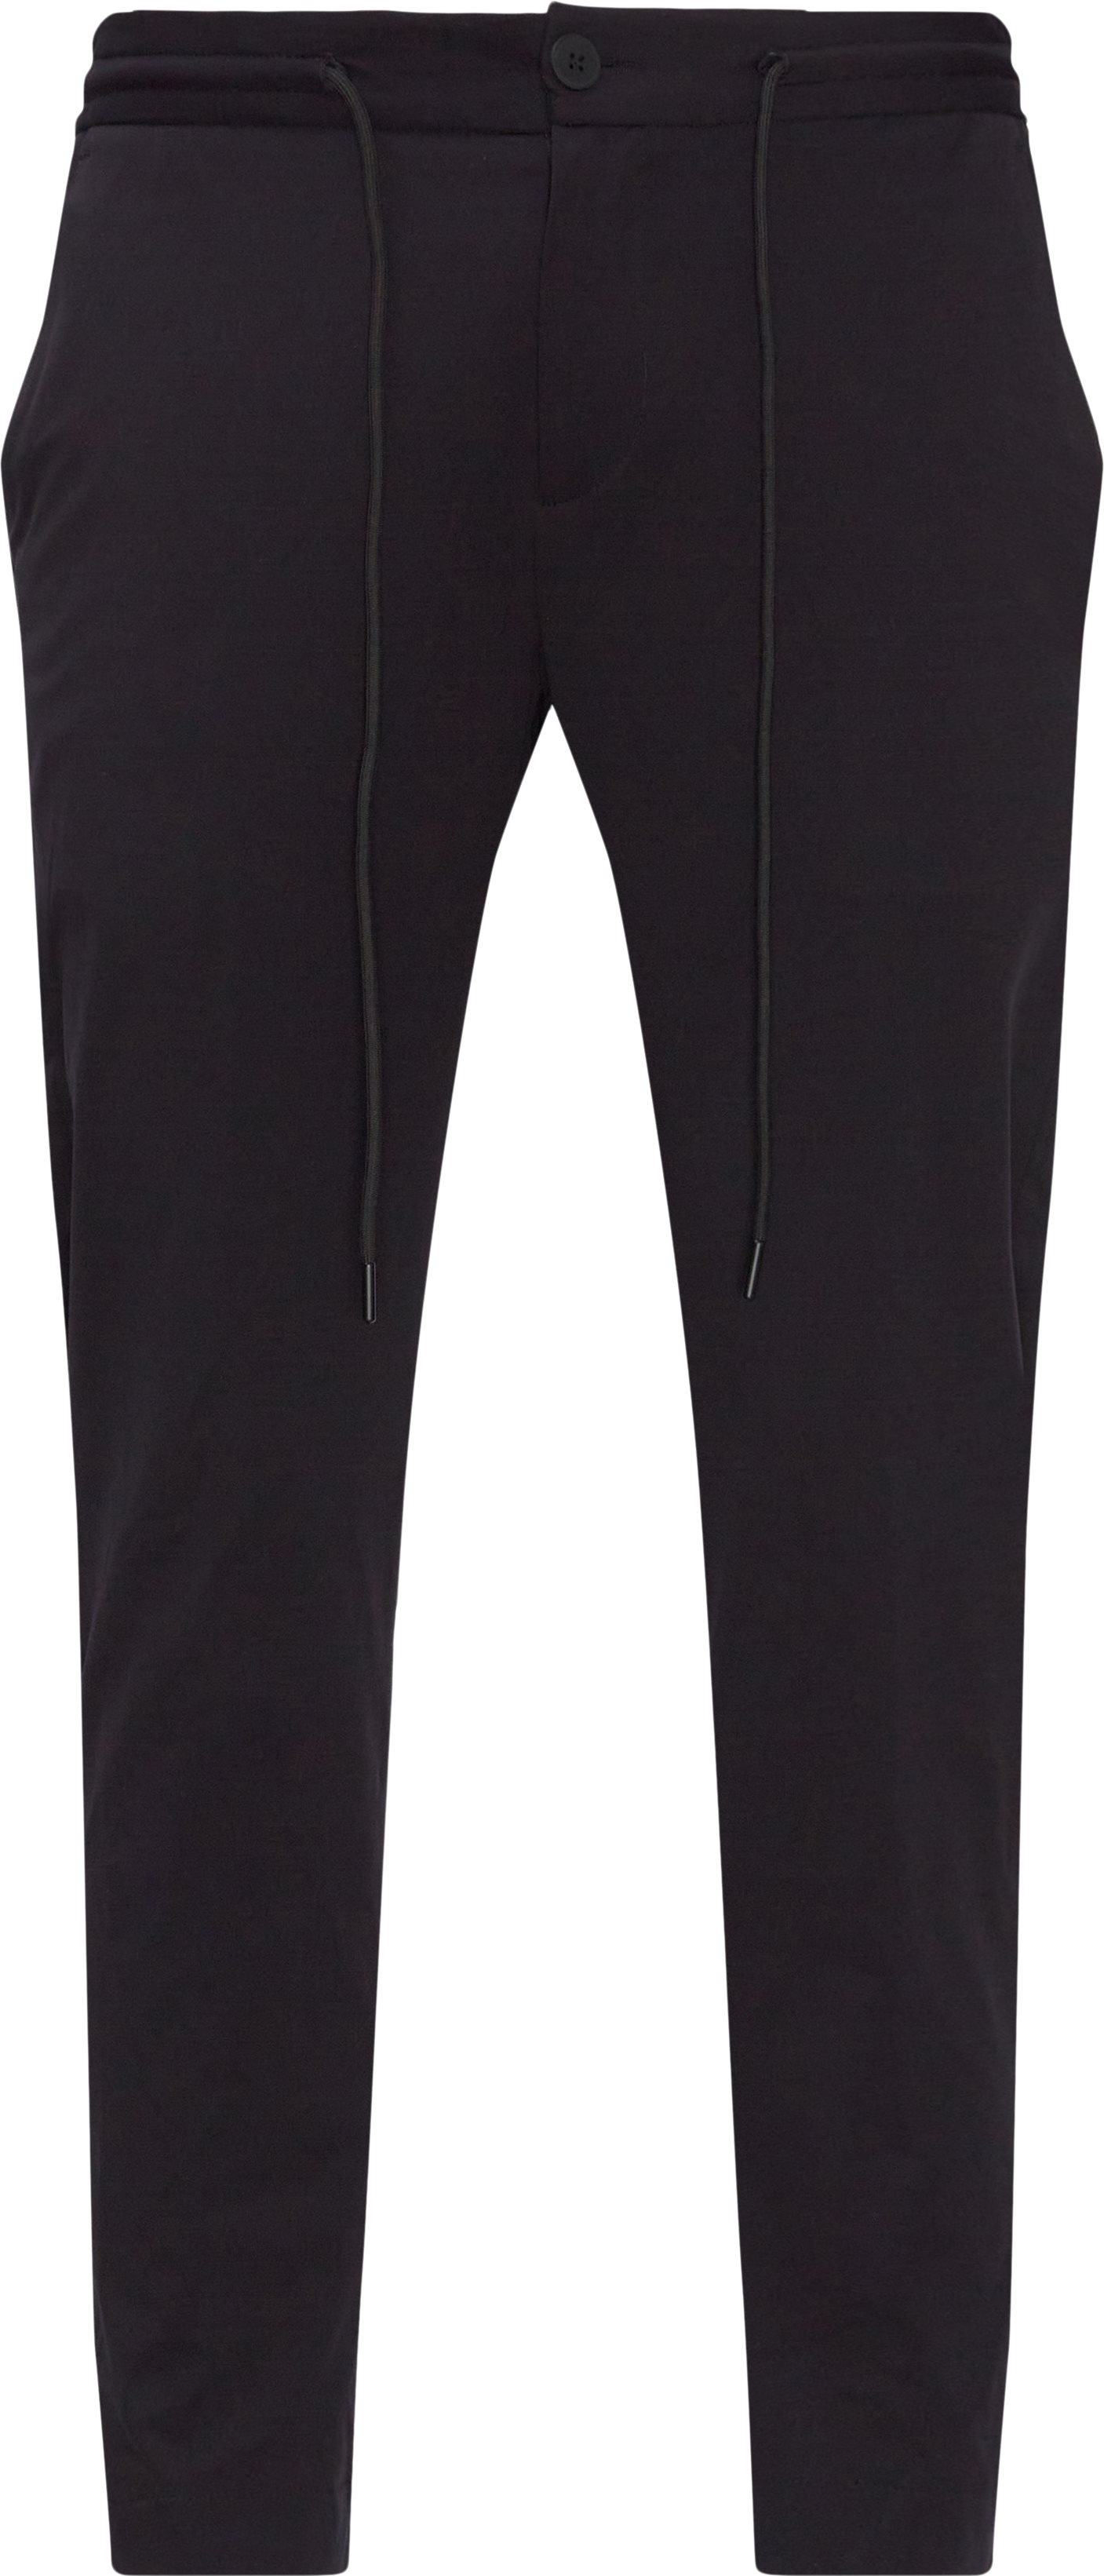 Bukser - Regular fit - Sort